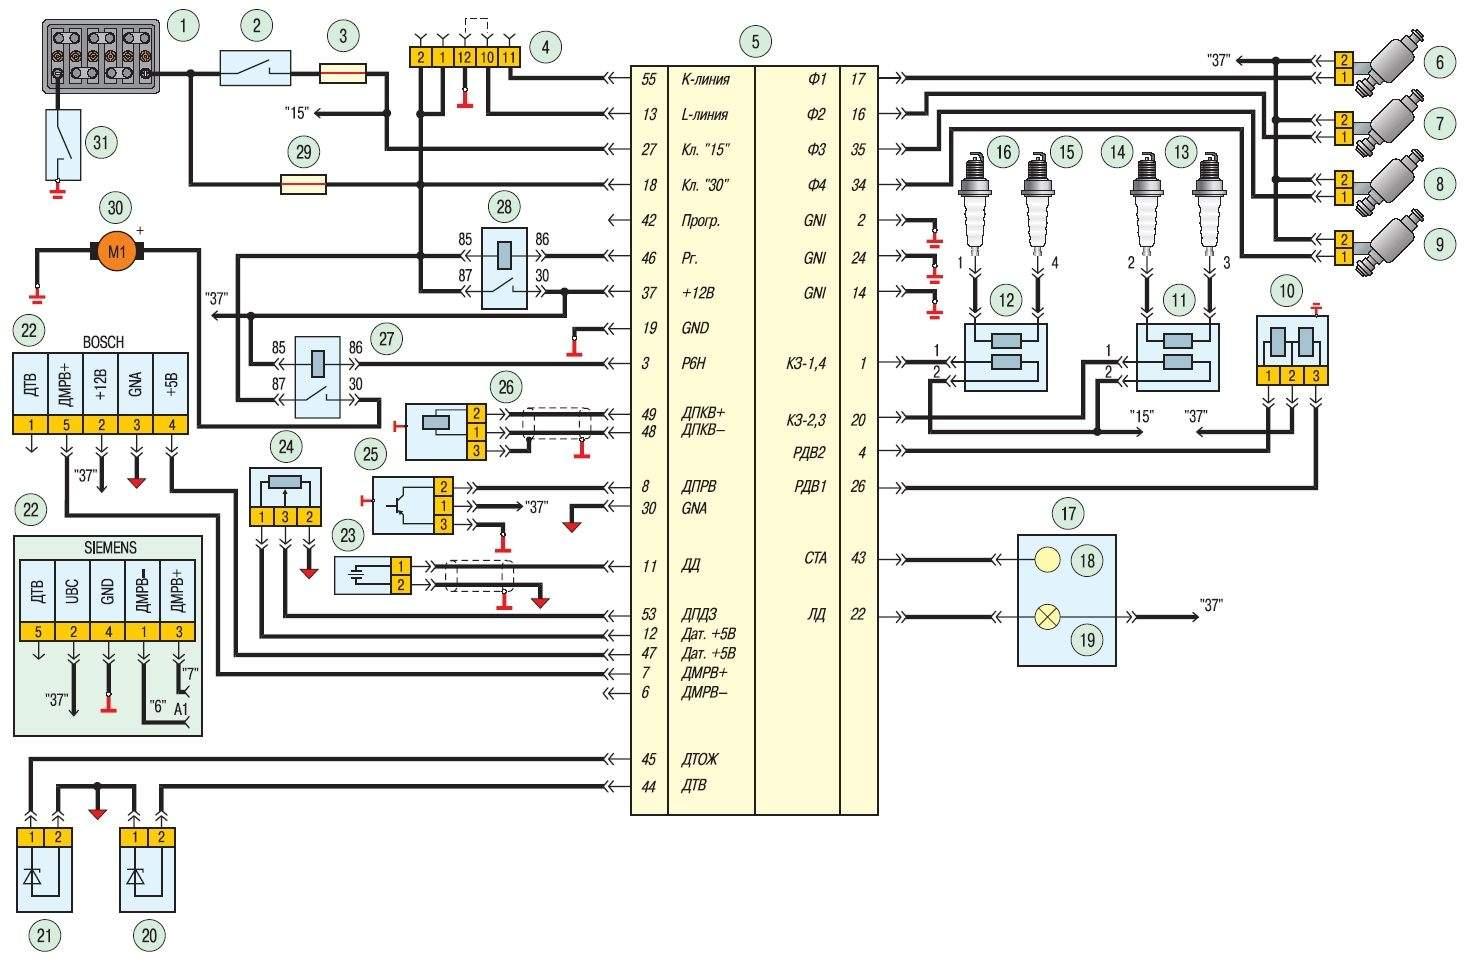 схема електрообладнання змз-406